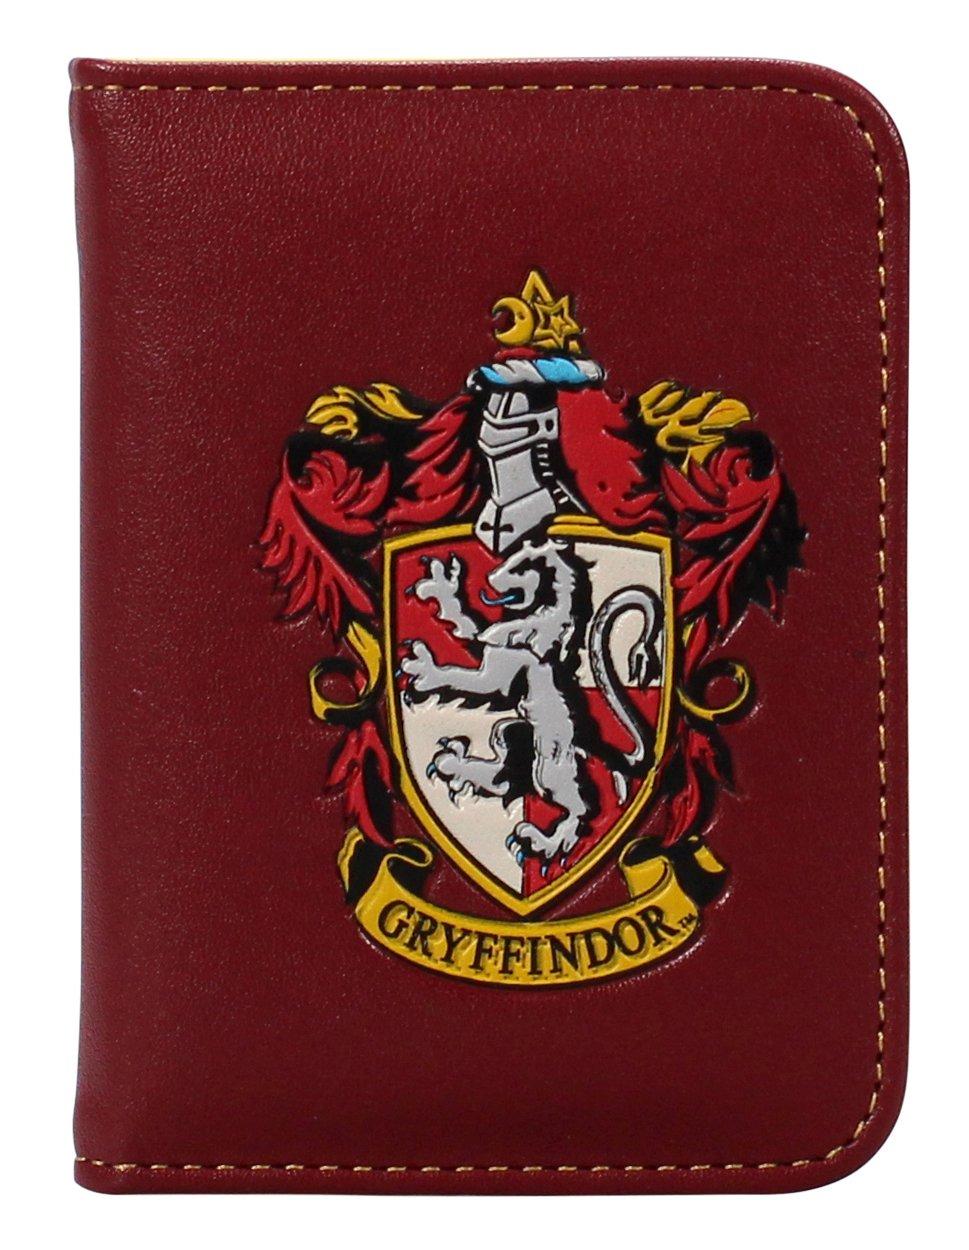 Harry Potter Reisepasshalter - Gryffindor Crest